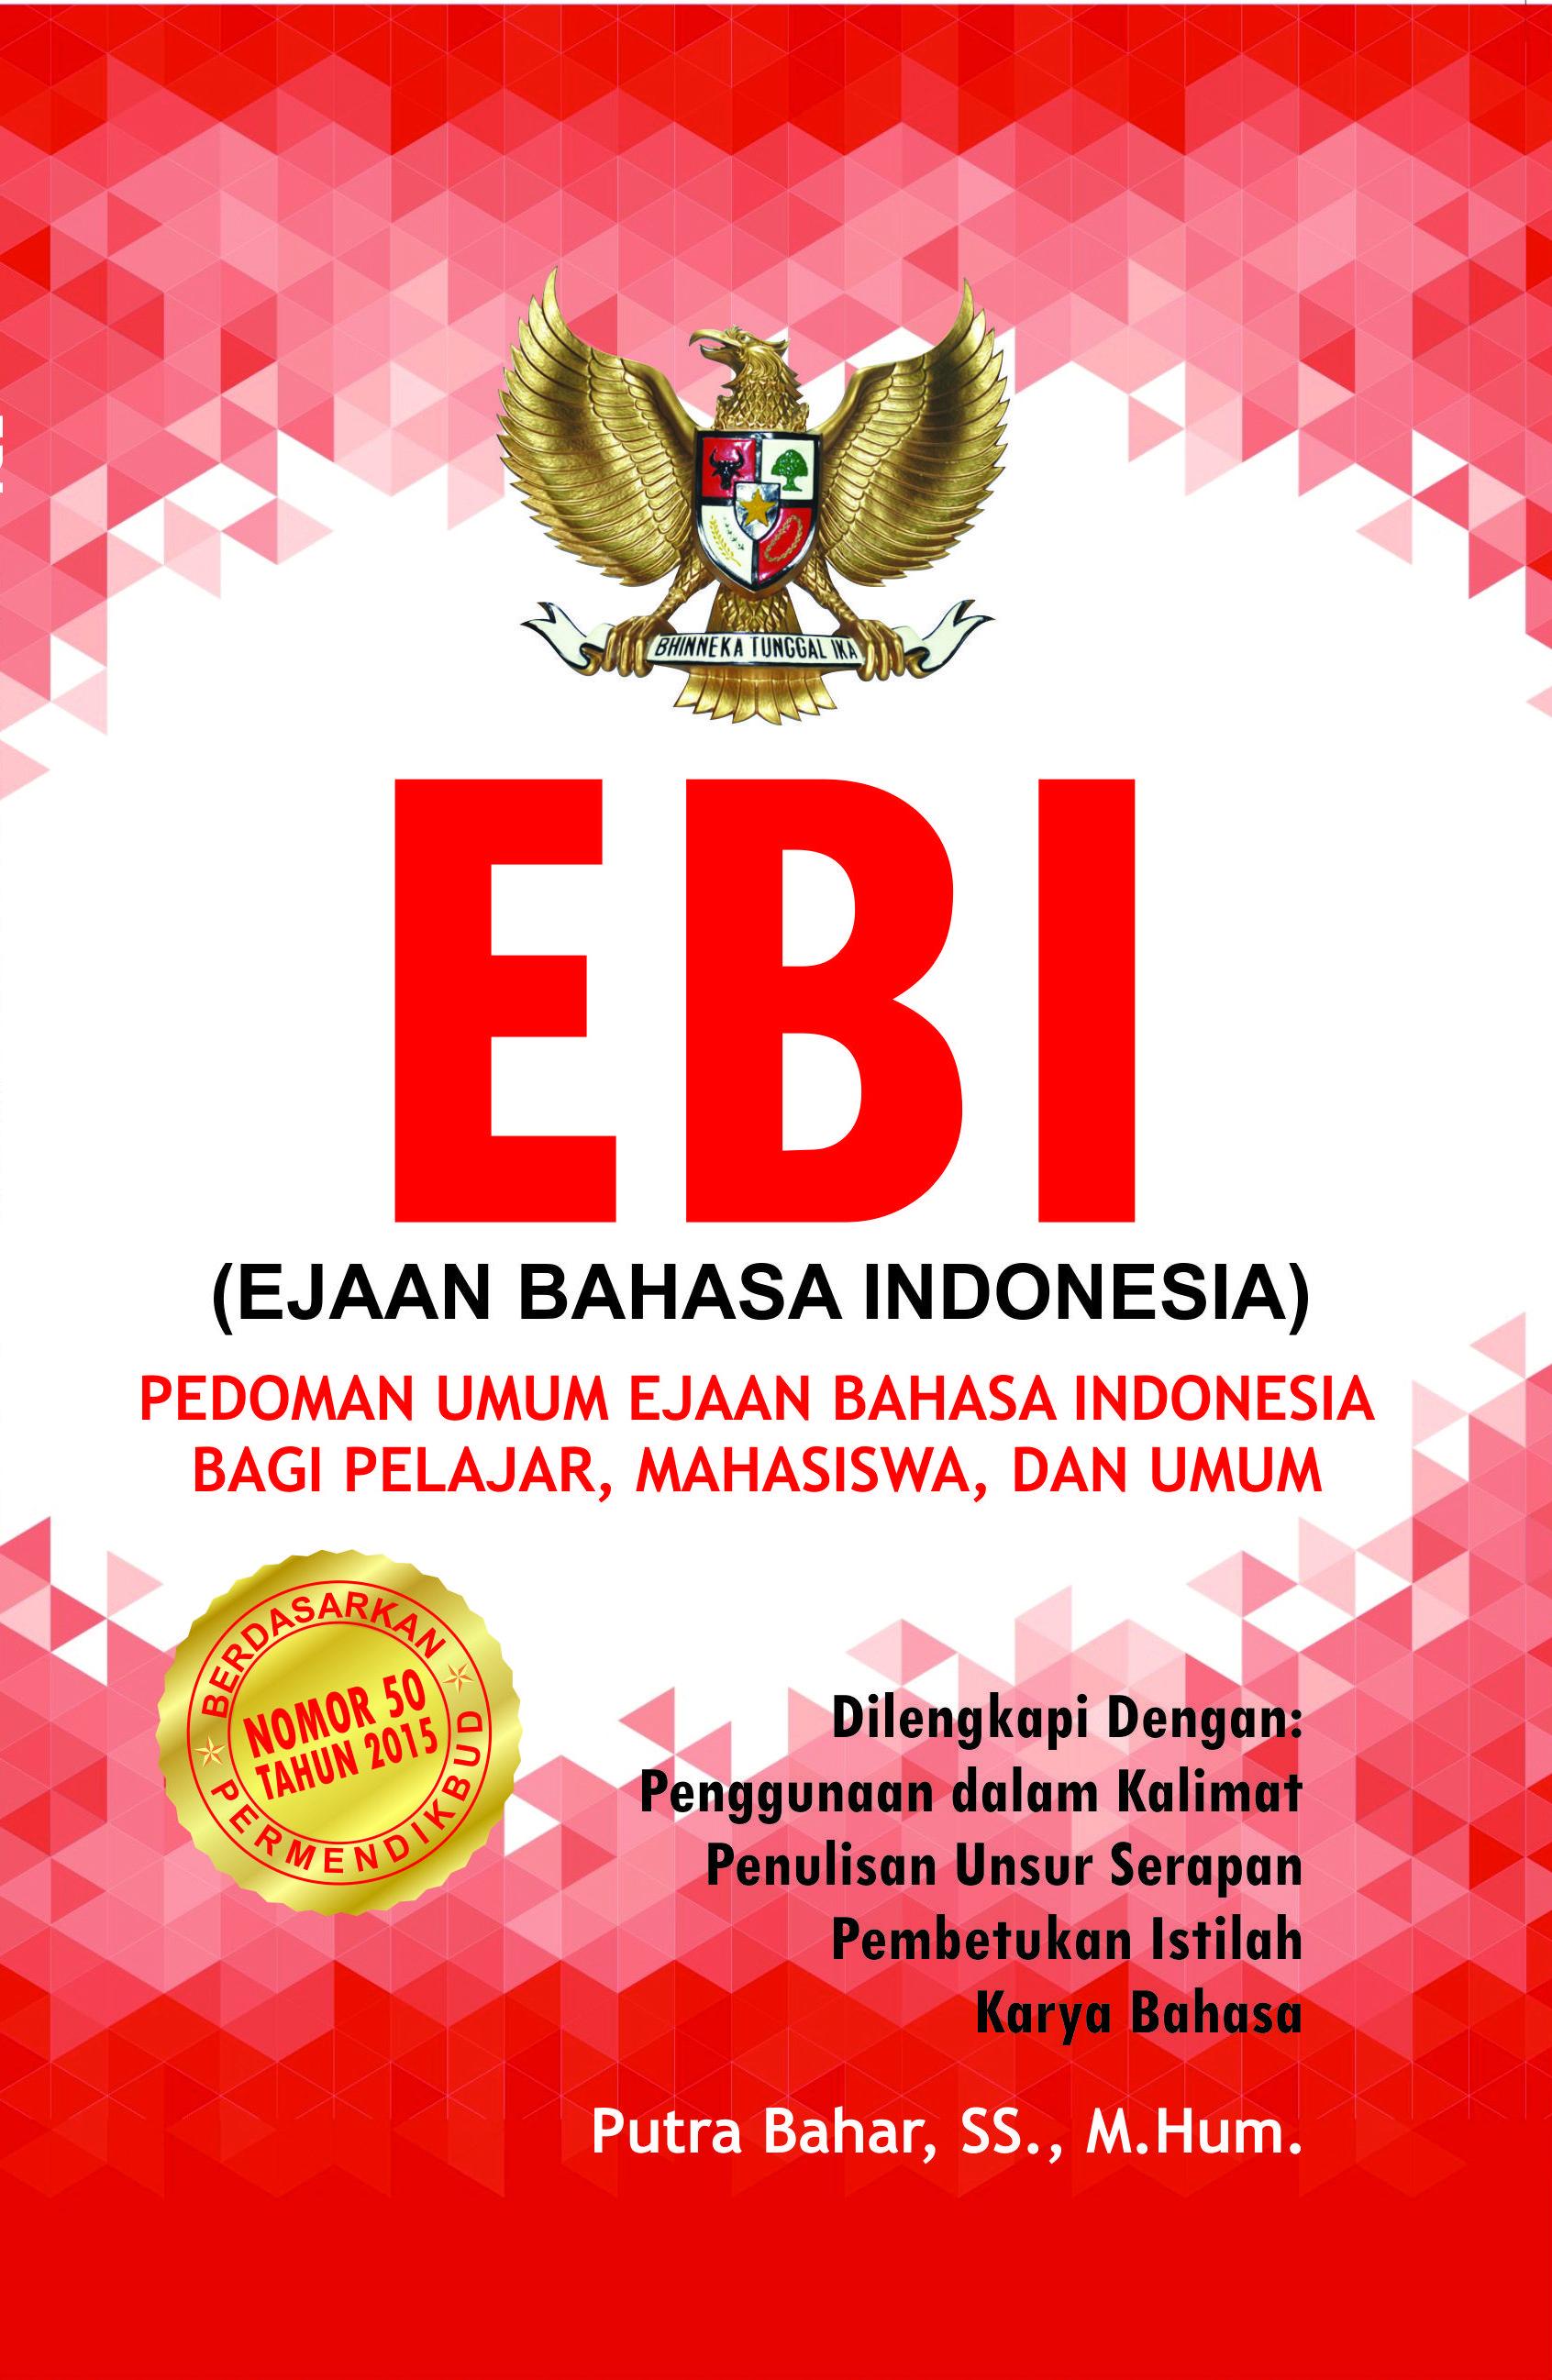 Ejaan Bahasa Indonesia - EBI: Ejaan Bahasa Indonesia